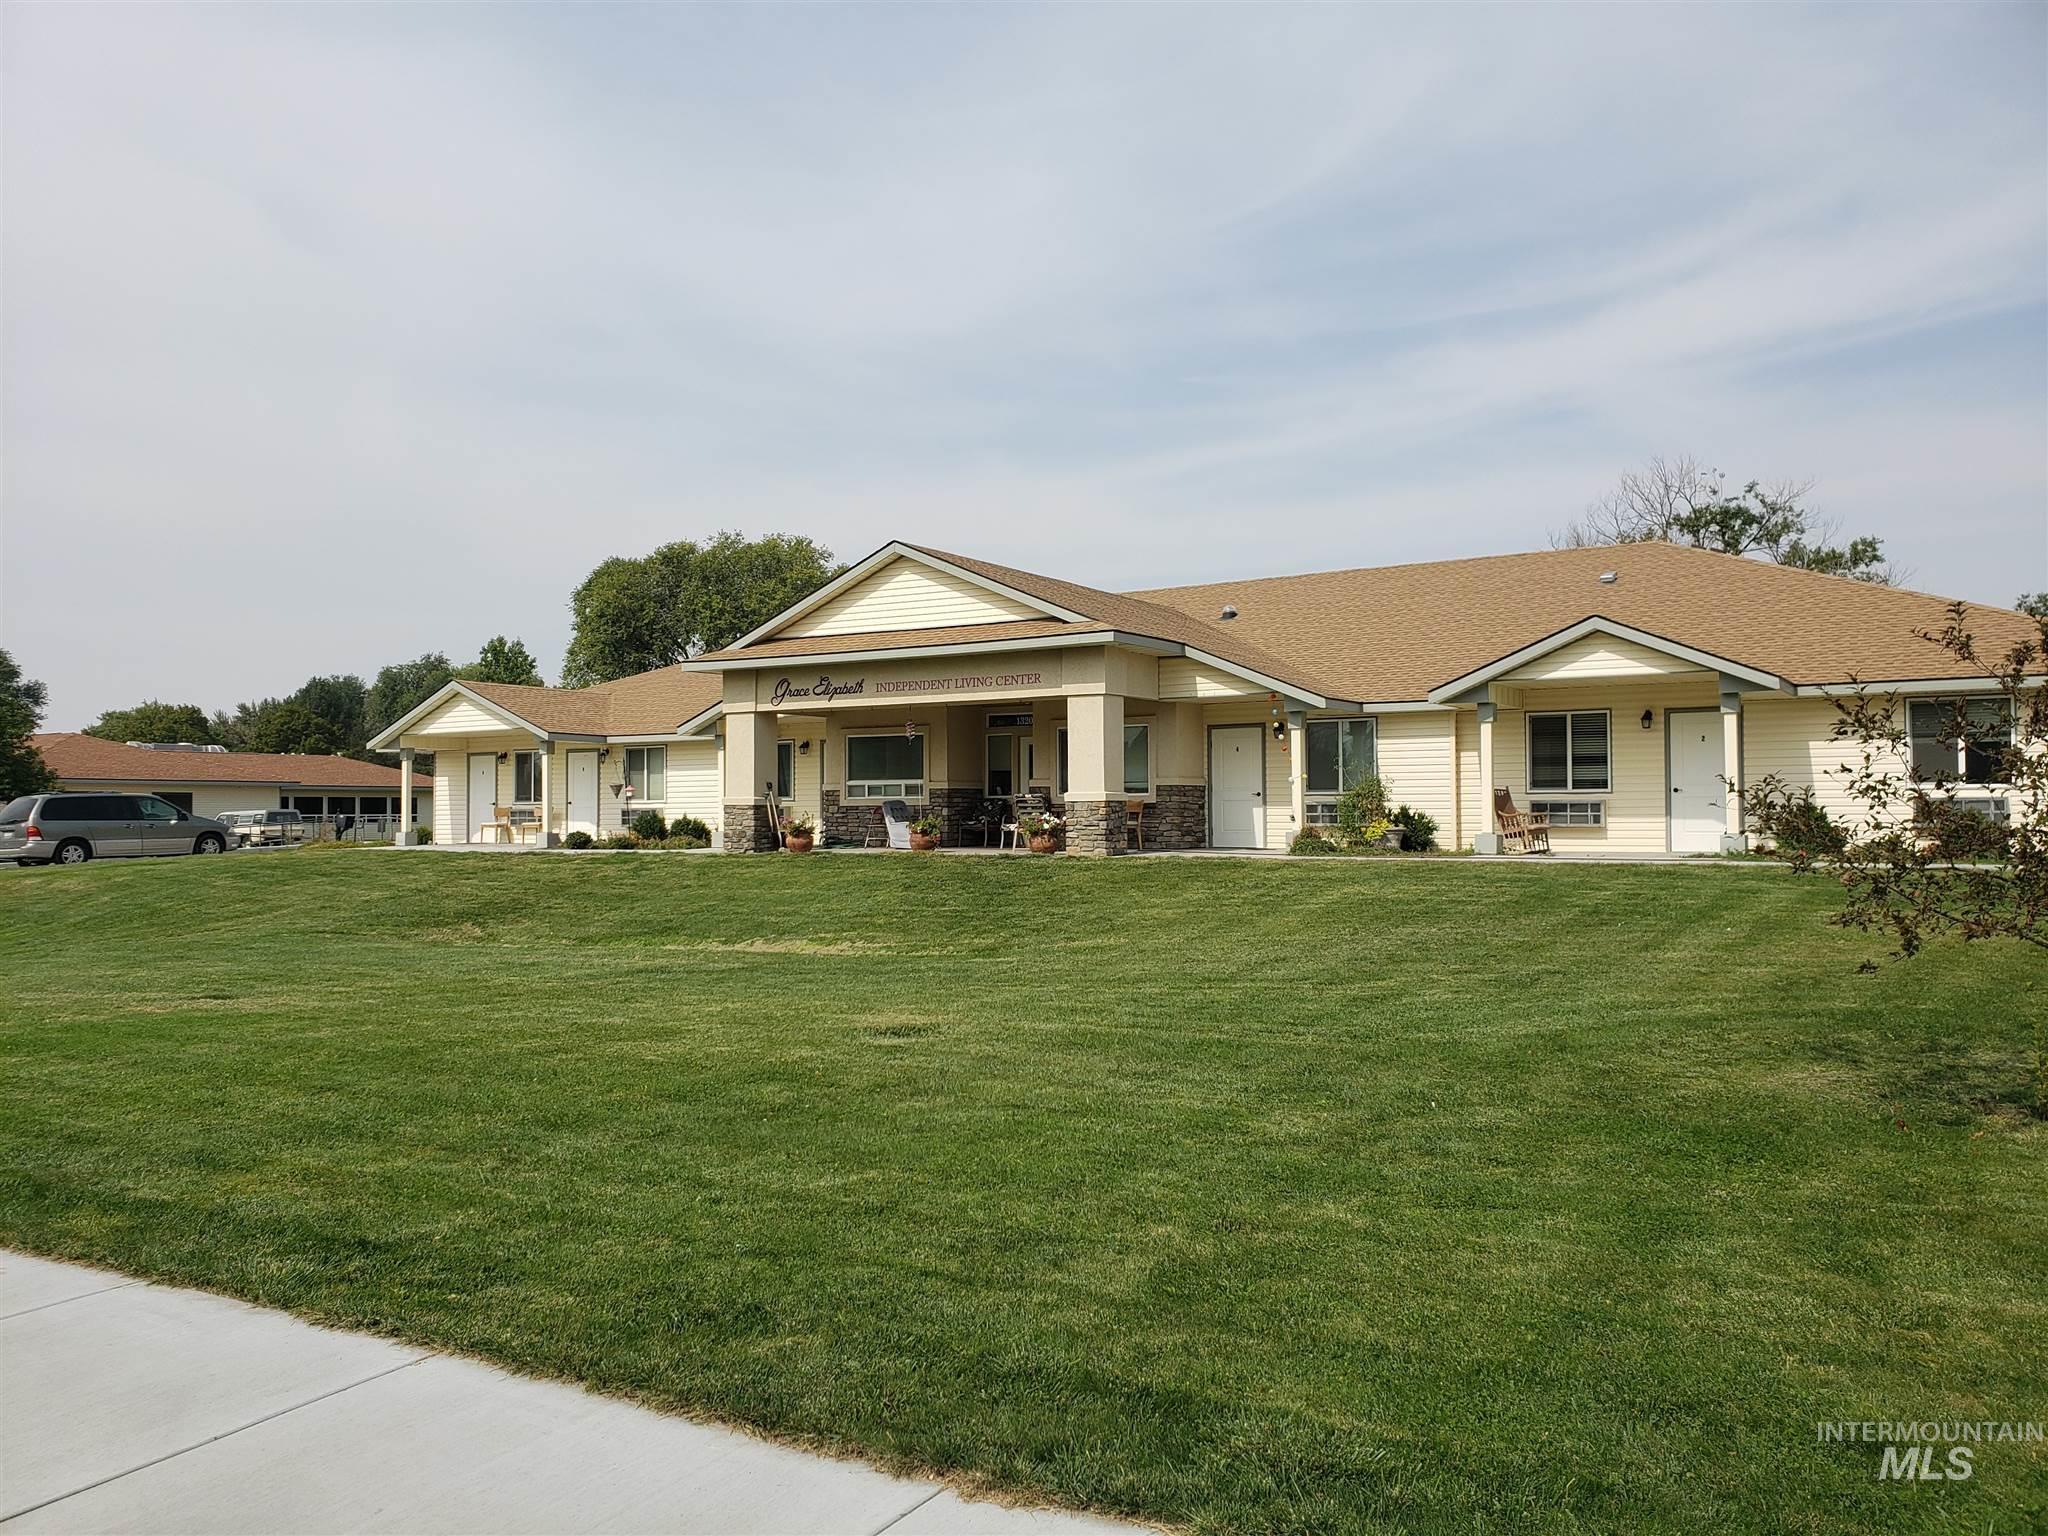 1320 E Sixth South Property Photo